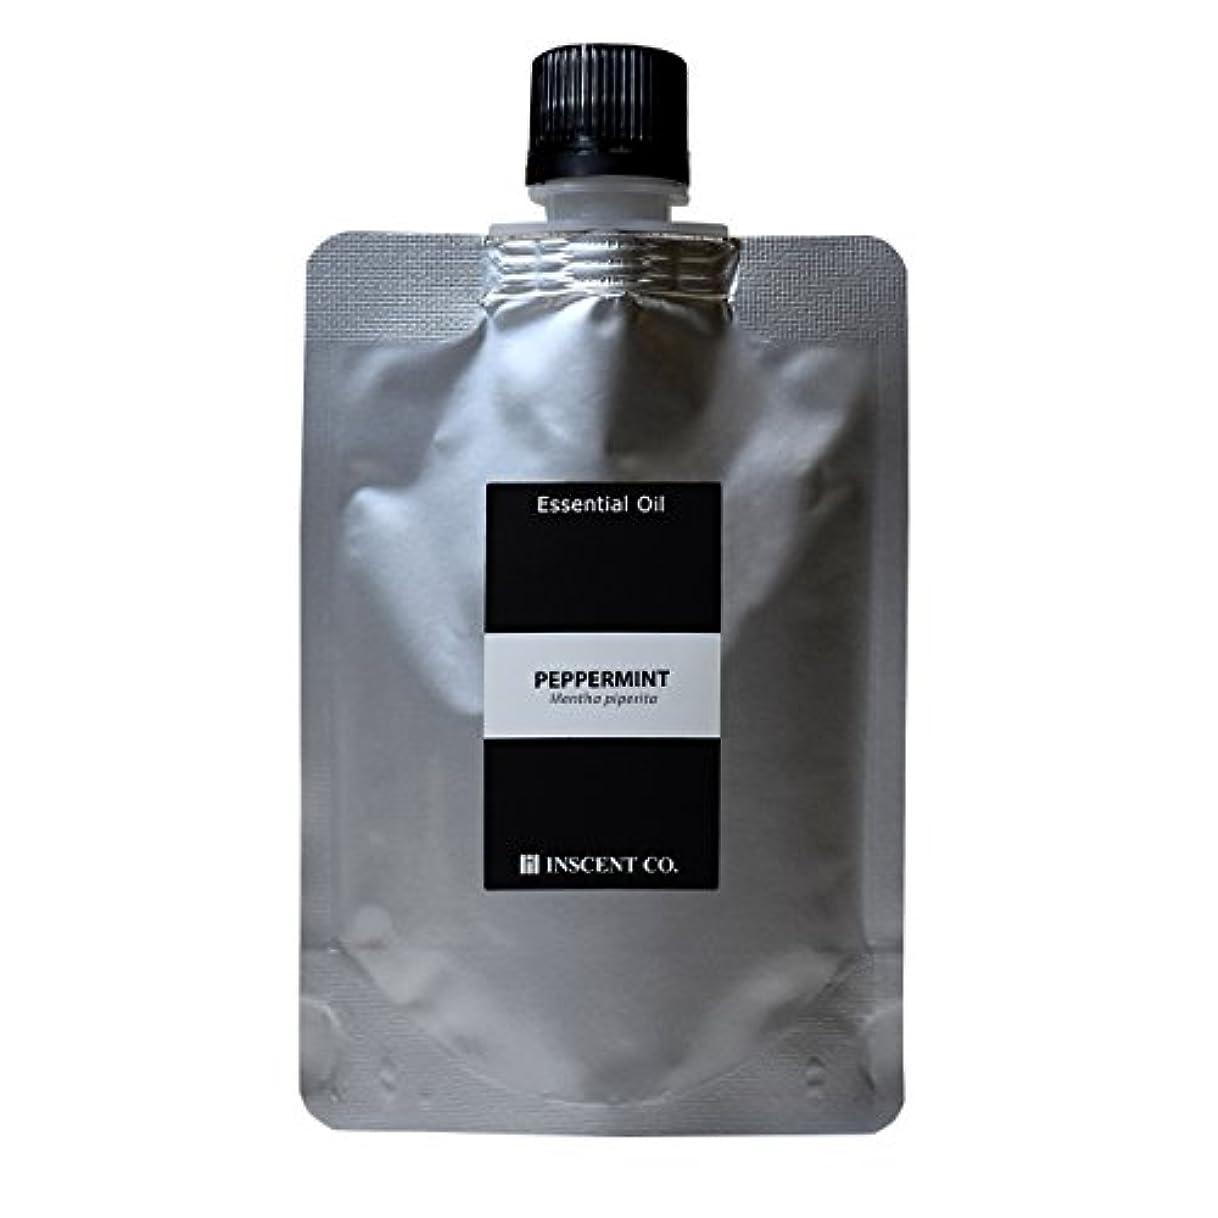 州関数つかいます(詰替用 アルミパック) ペパーミント 100ml インセント アロマオイル AEAJ 表示基準適合認定精油